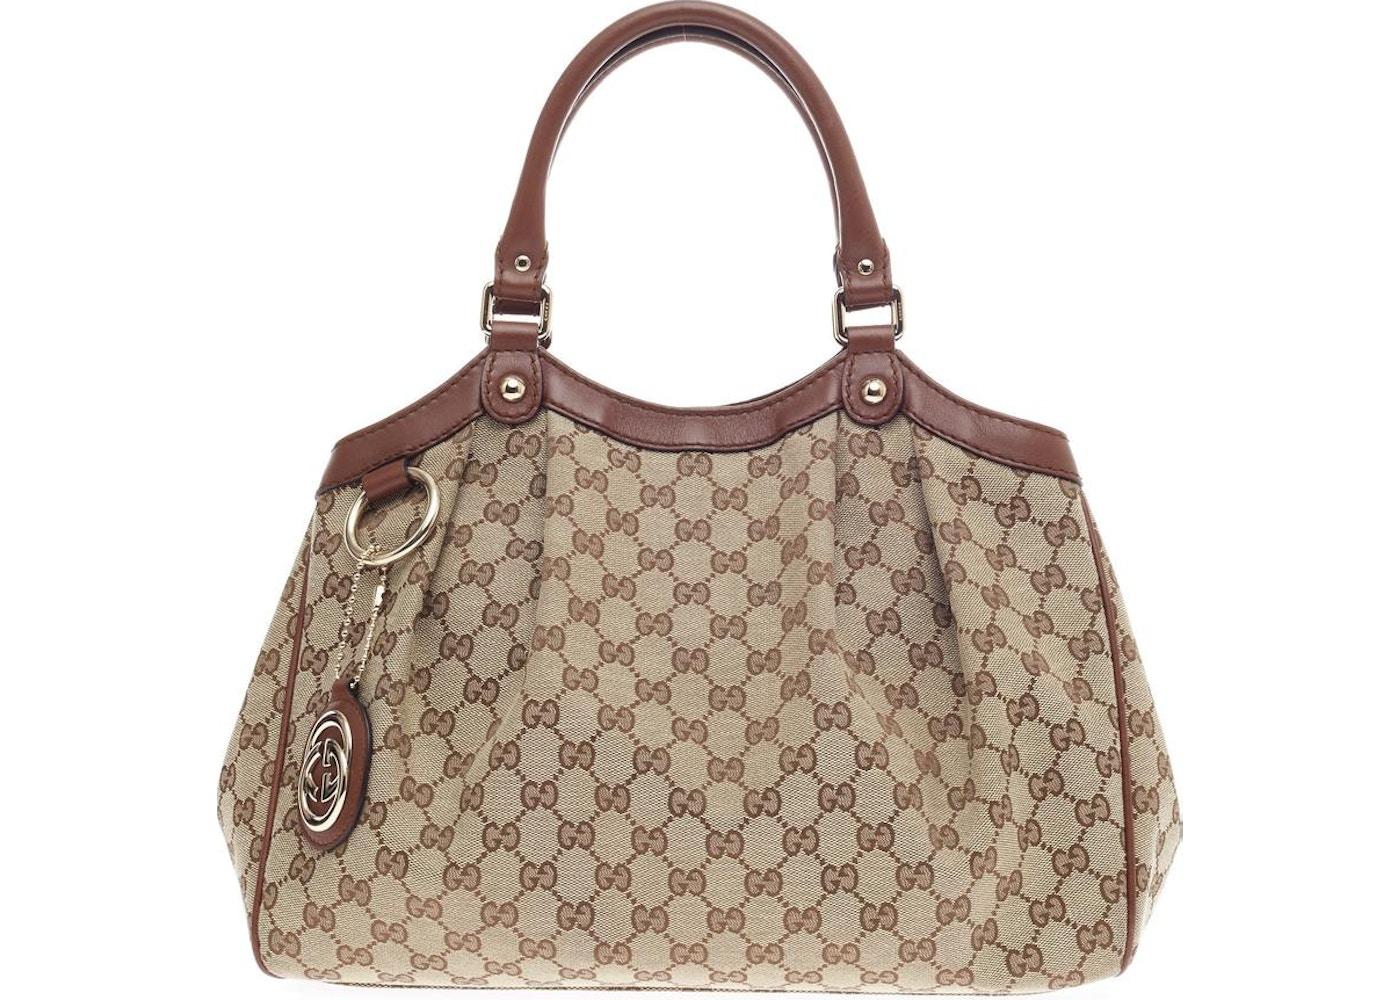 3f196cb18dc Gucci Sukey Tote GG GG Leather Charm Medium Brown. GG GG Leather Charm Medium  Brown